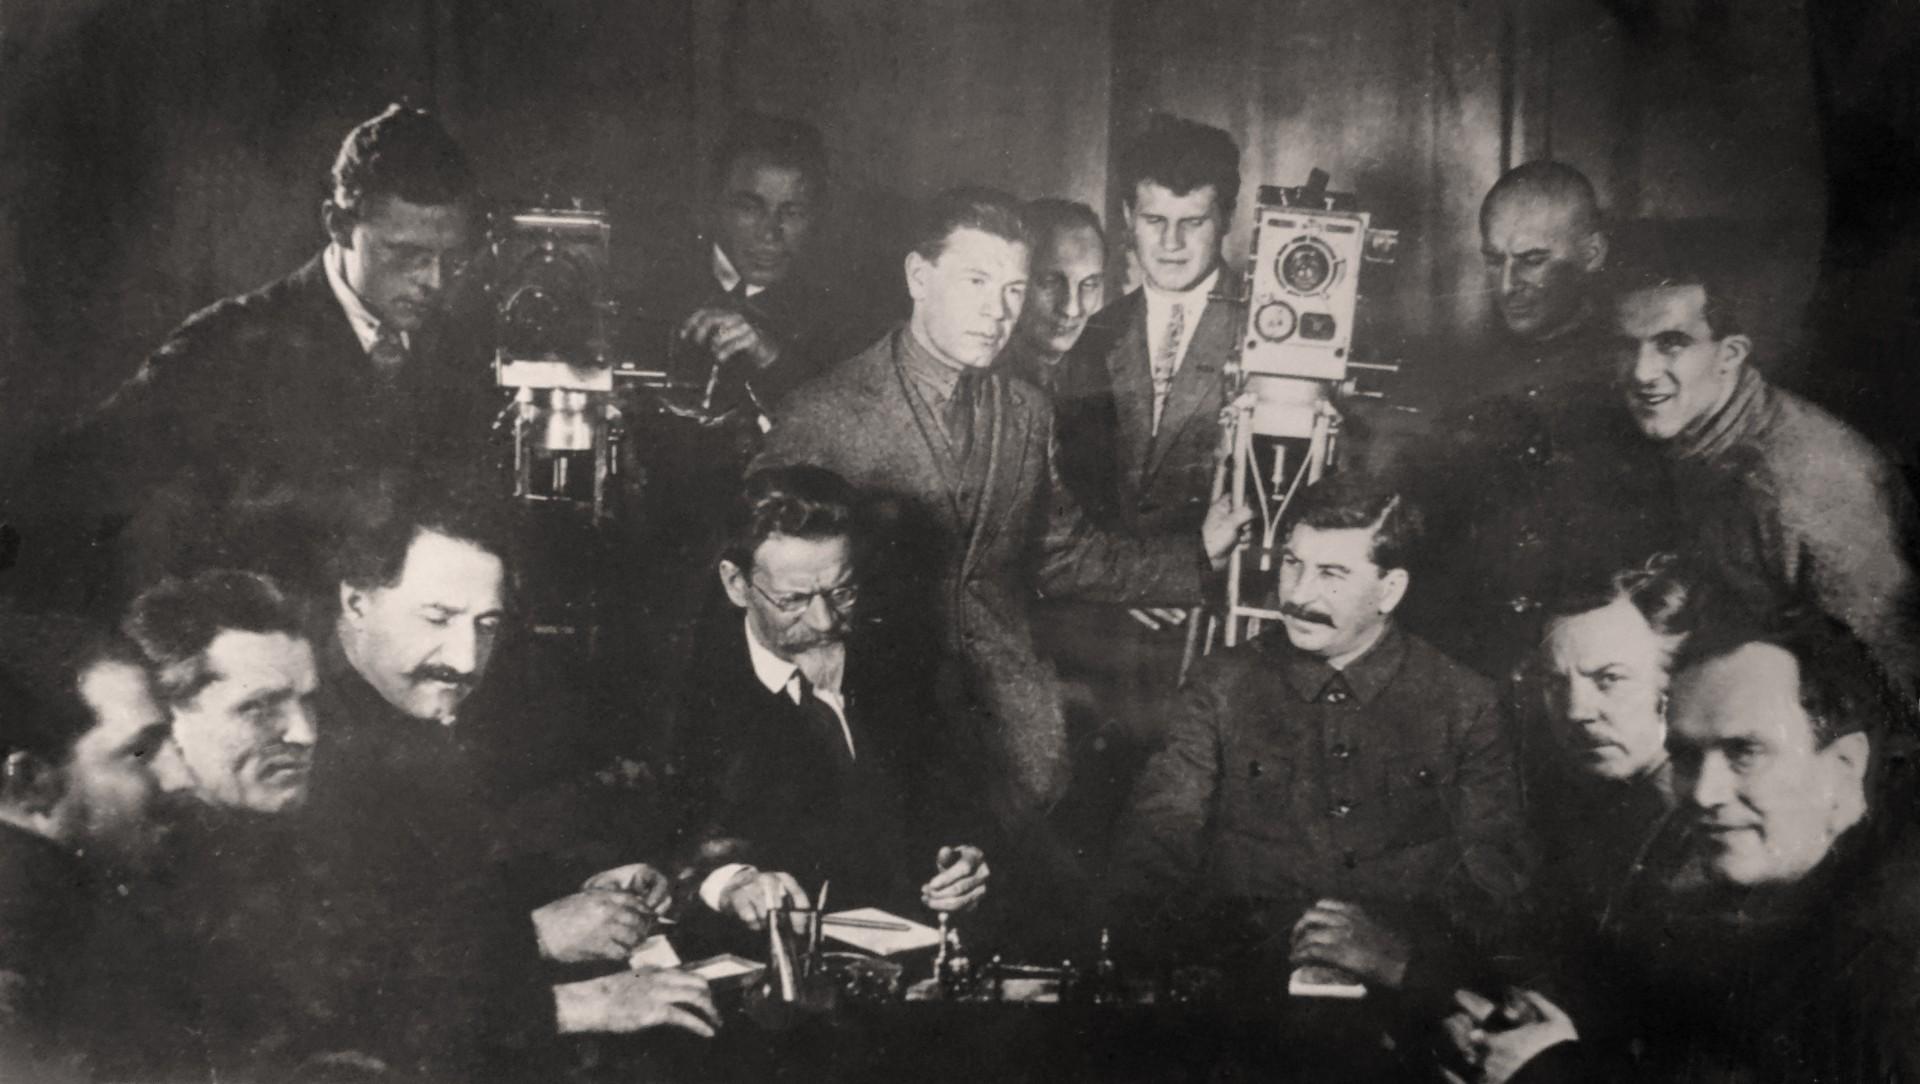 Экспонат #7. В день 50-летия Сталина. Кадр из кинохроники«Союзкино». 1929 год